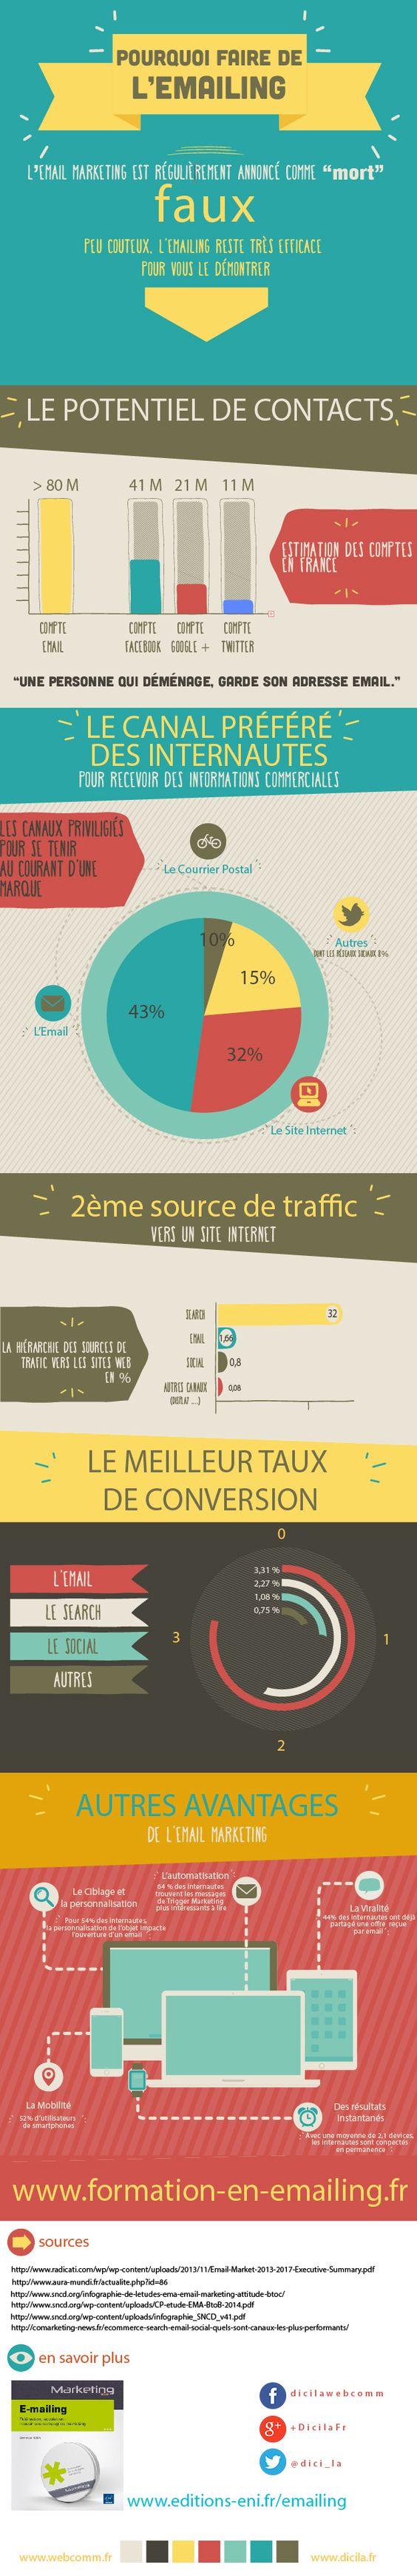 infographie pourquoi faire emailing